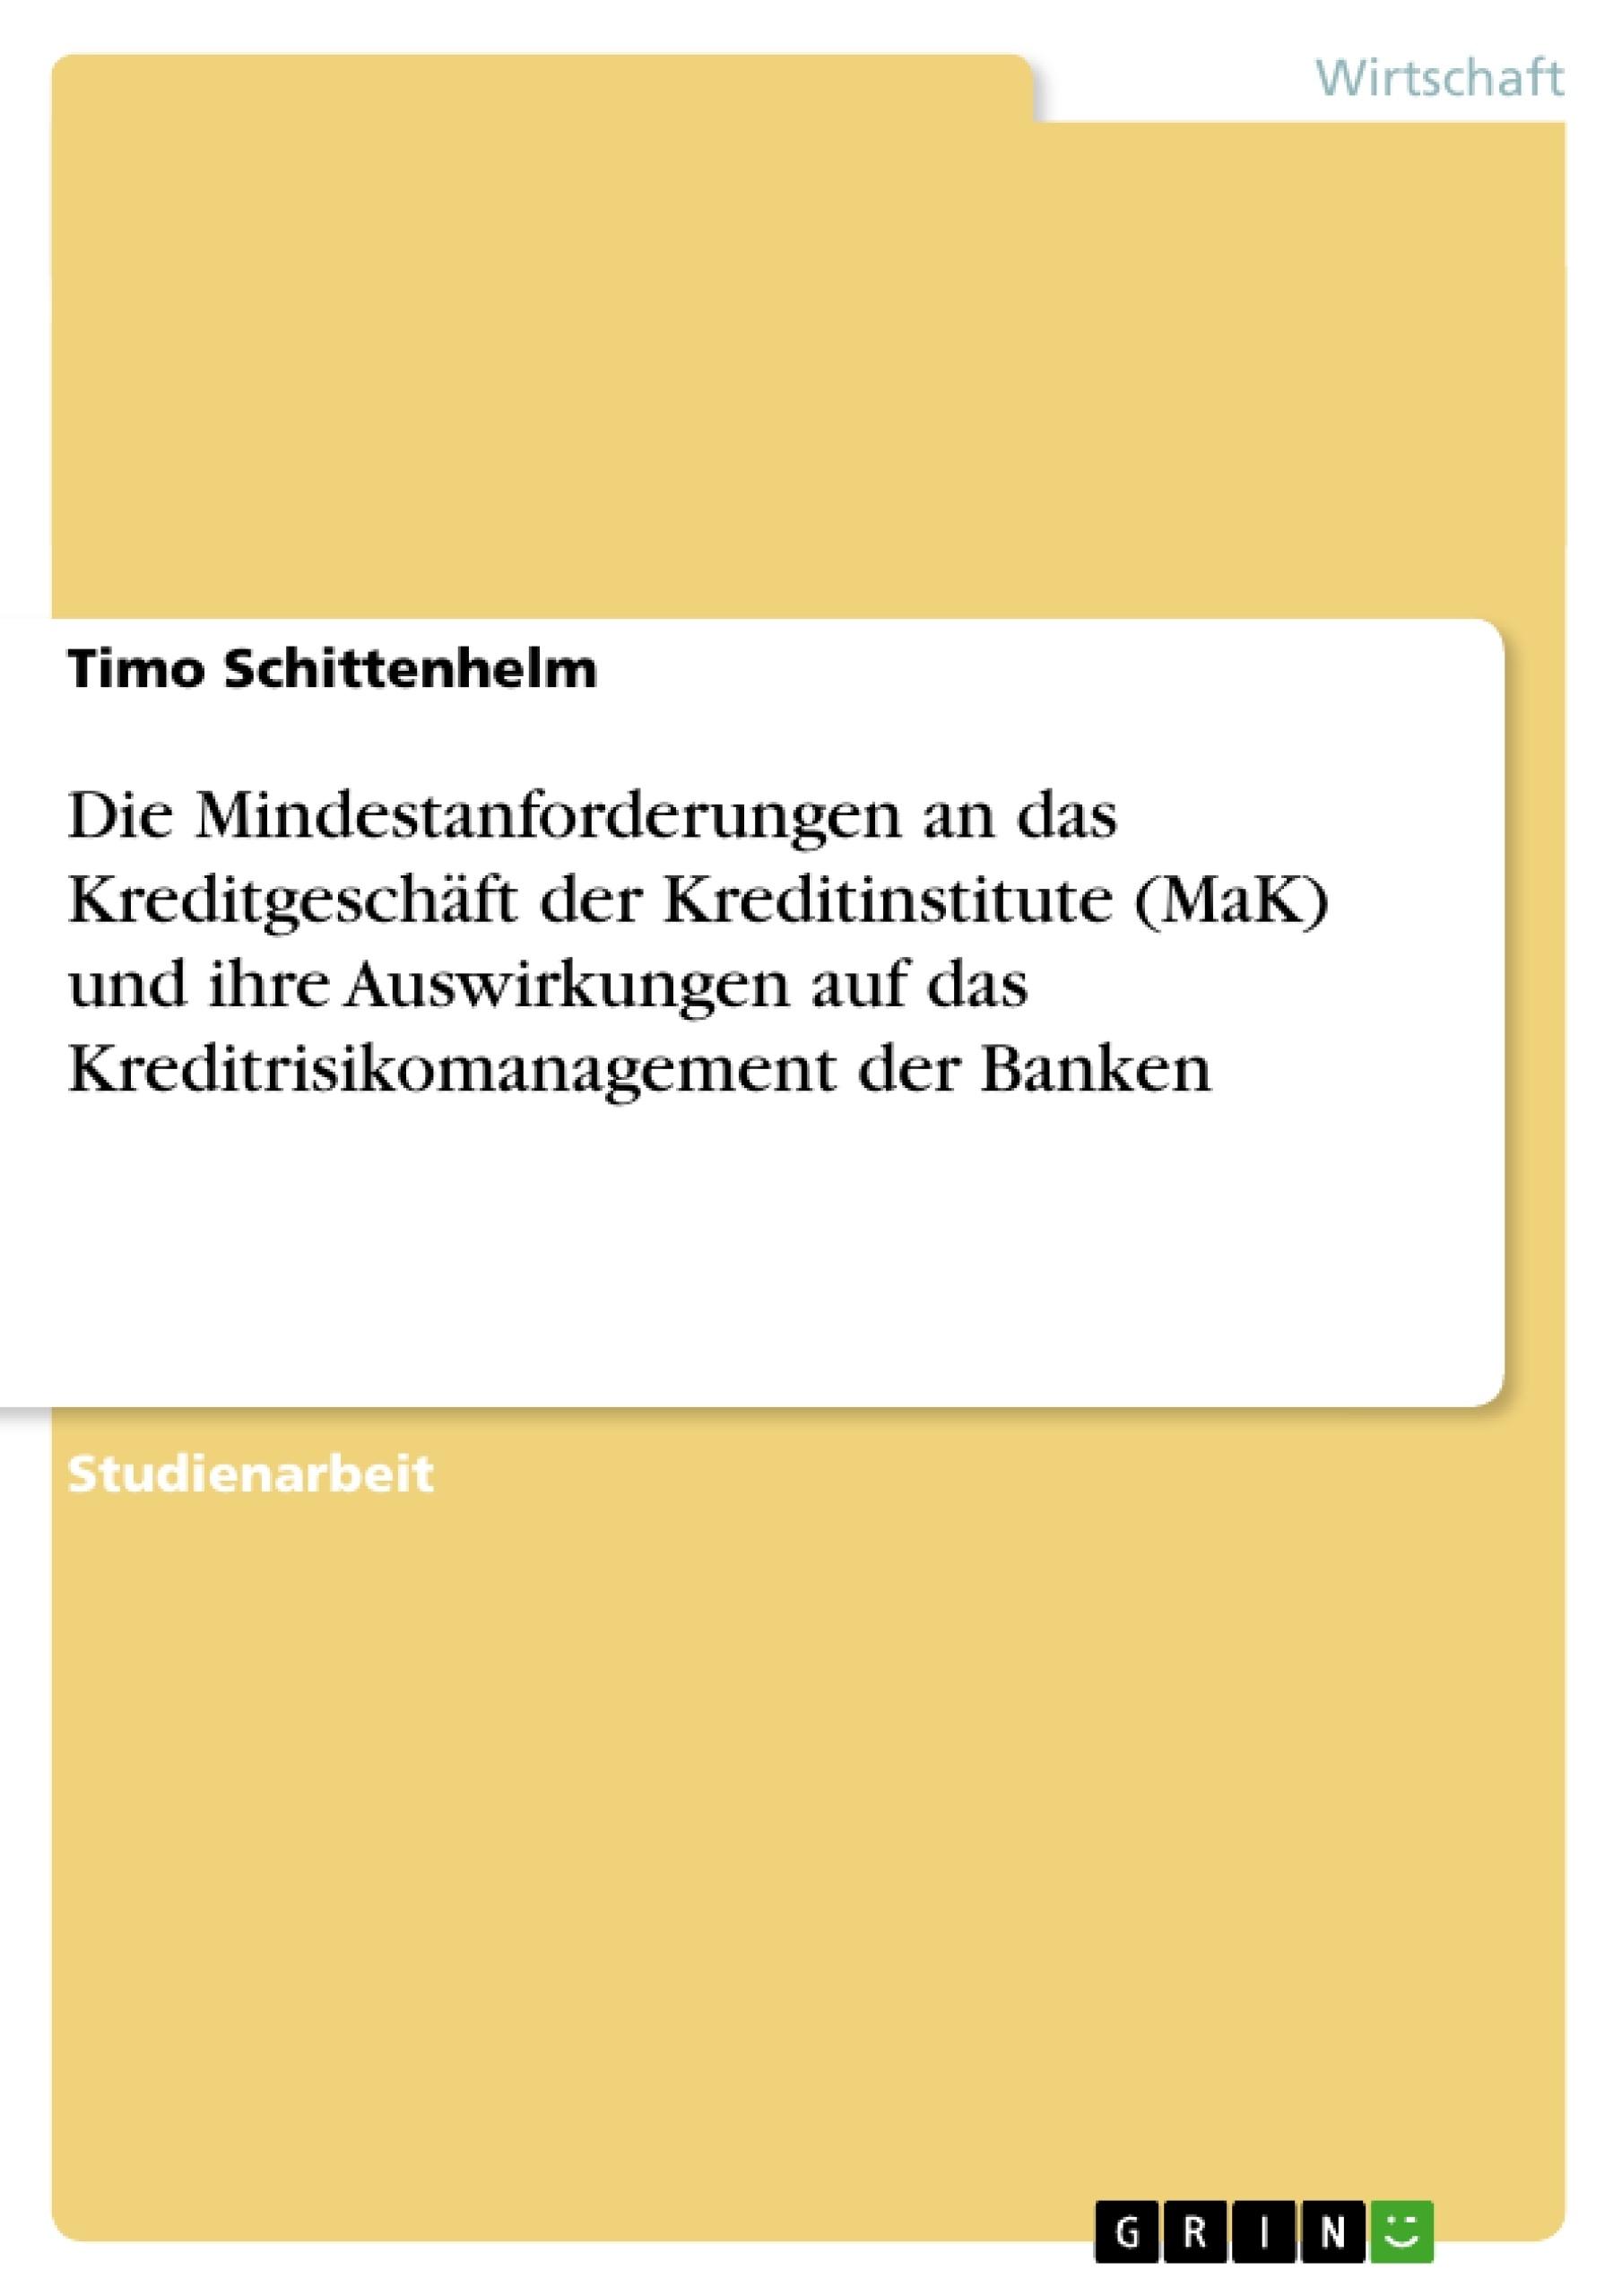 Titel: Die Mindestanforderungen an das Kreditgeschäft der Kreditinstitute (MaK) und ihre Auswirkungen auf das Kreditrisikomanagement der Banken